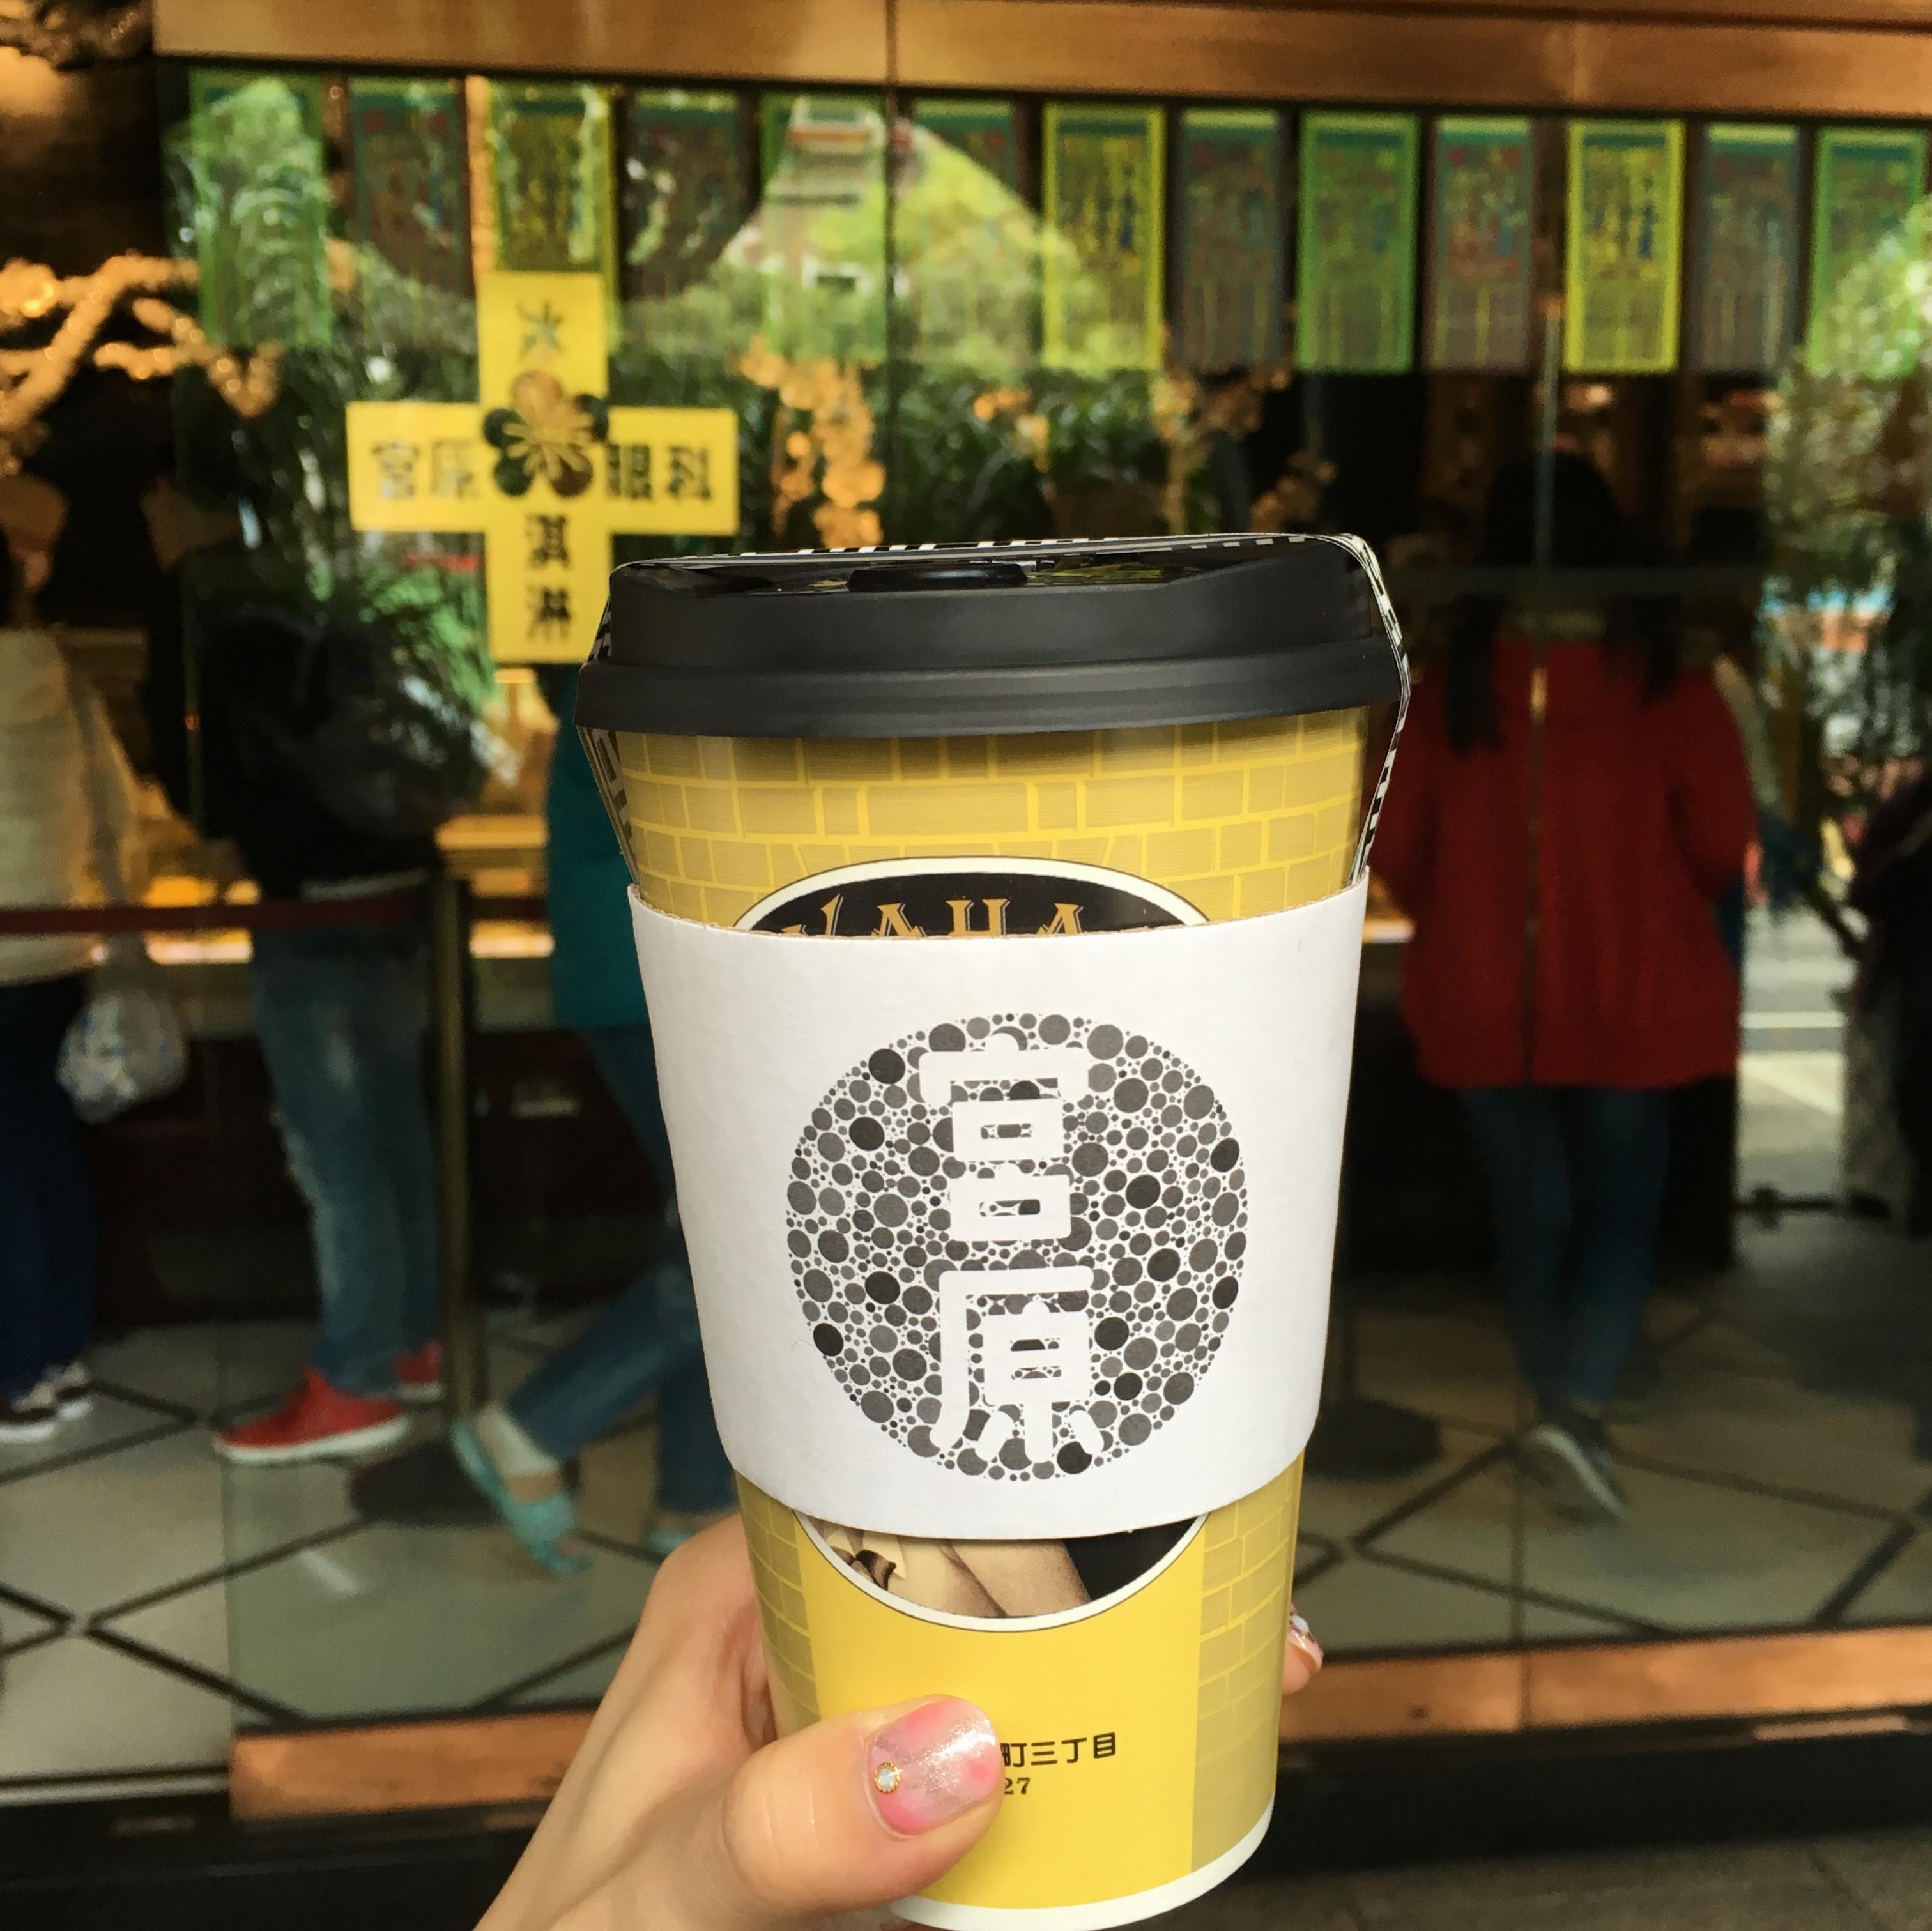 台湾のおしゃれなカフェ&食べ物特集 - 人気のタピオカや小籠包も! 台湾女子旅におすすめのグルメ情報まとめ_89